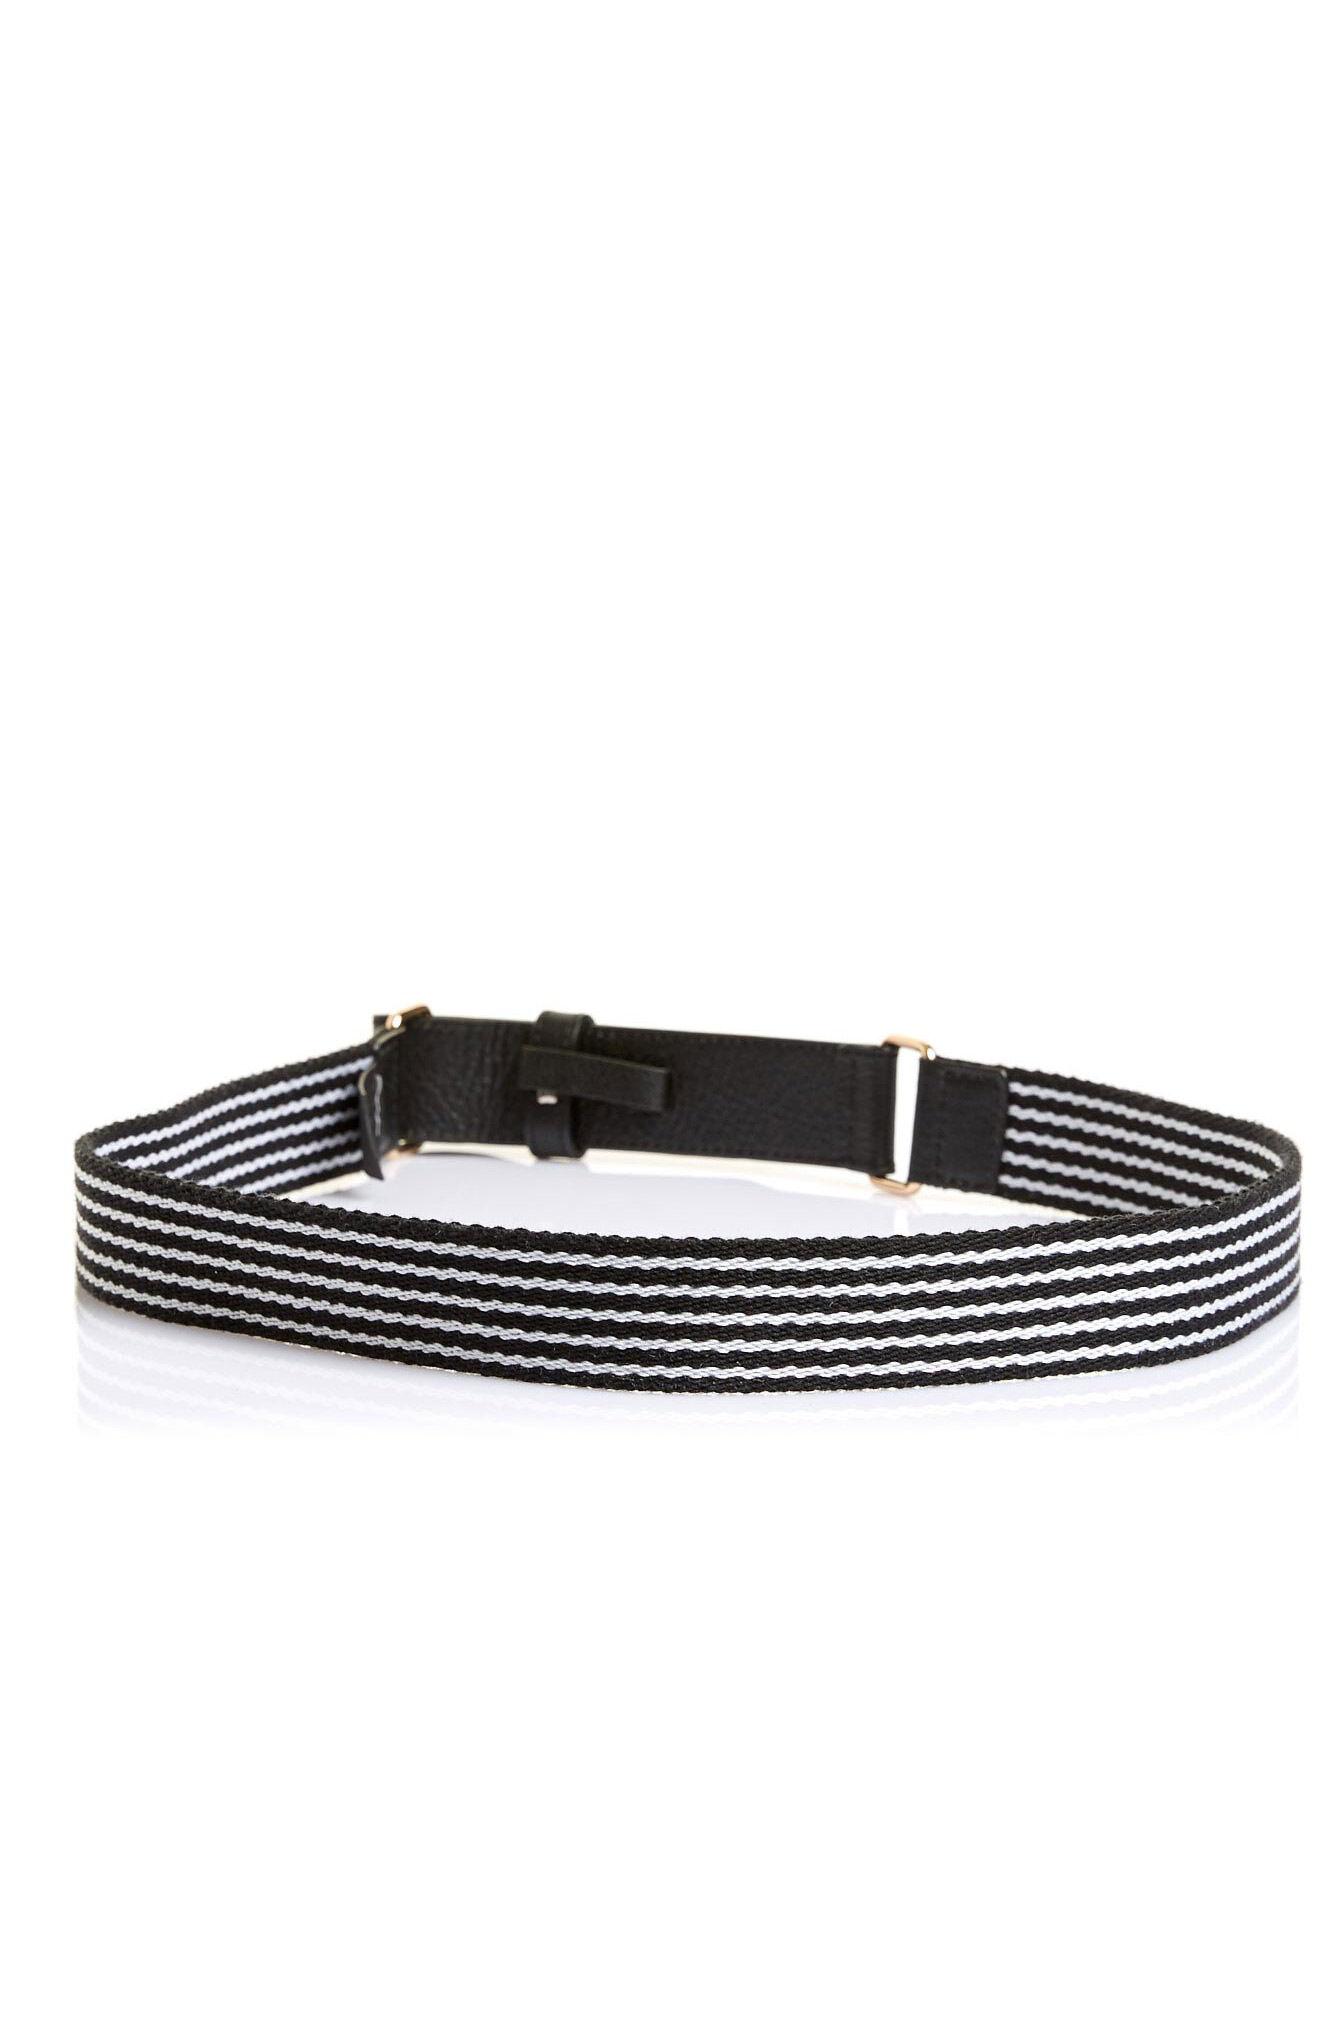 NEW-Sportscraft-WOMENS-Porsha-Belt-Belts